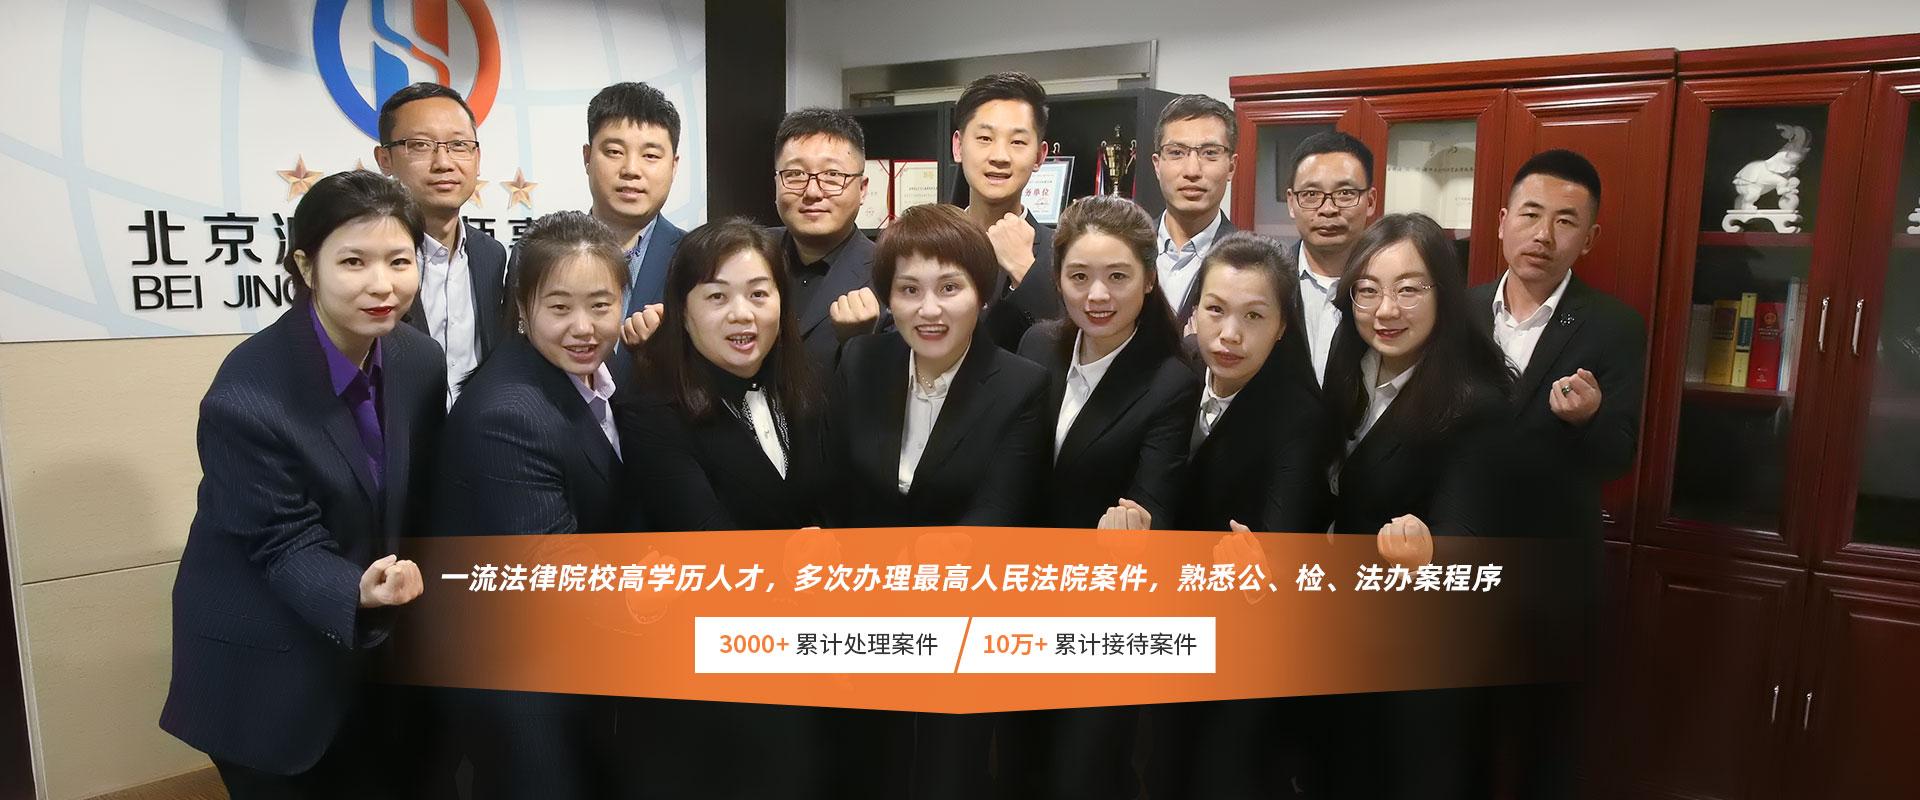 北京汇都律师事务所-P1